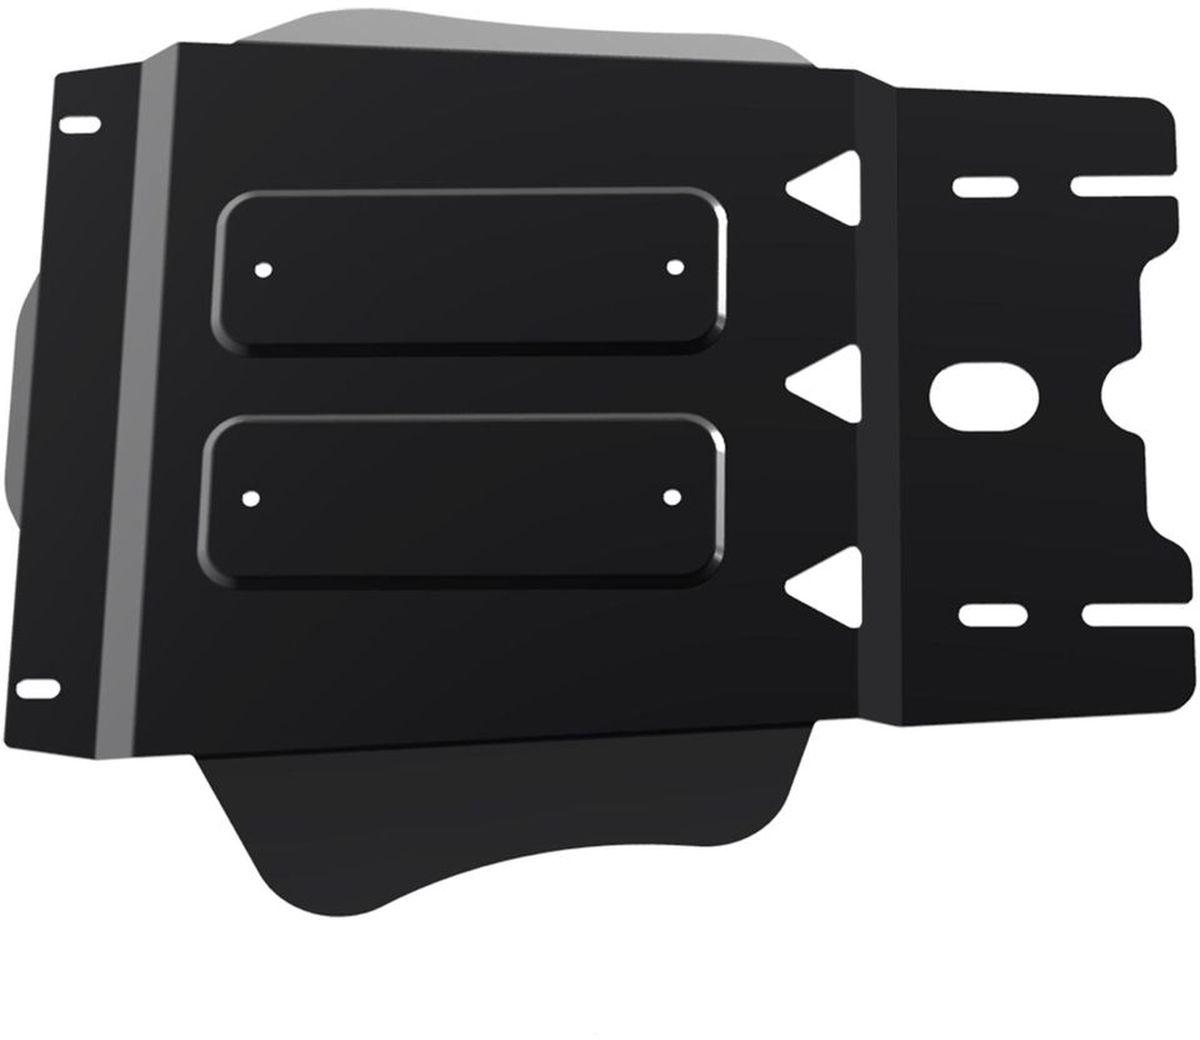 Защита КПП Автоброня, для Mitsubishi Pajero IV, V-3,0; 3,2(188hp); 3,2(200hp); 3,8 (2006-2011; 2011-2016)111.04044.1Технологически совершенный продукт за невысокую стоимость. Защита разработана с учетом особенностей днища автомобиля, что позволяет сохранить дорожный просвет с минимальным изменением. Защита устанавливается в штатные места кузова автомобиля. Глубокий штамп обеспечивает до двух раз больше жесткости в сравнении с обычной защитой той же толщины. Проштампованные ребра жесткости препятствуют деформации защиты при ударах. Тепловой зазор и вентиляционные отверстия обеспечивают сохранение температурного режима двигателя в норме. Скрытый крепеж предотвращает срыв крепежных элементов при наезде на препятствие. Шумопоглощающие резиновые элементы обеспечивают комфортную езду без вибраций и скрежета металла, а съемные лючки для слива масла и замены фильтра - экономию средств и время. Конструкция изделия не влияет на пассивную безопасность автомобиля (при ударе защита не воздействует на деформационные зоны кузова). Со штатным крепежом. В комплекте инструкция по установке....